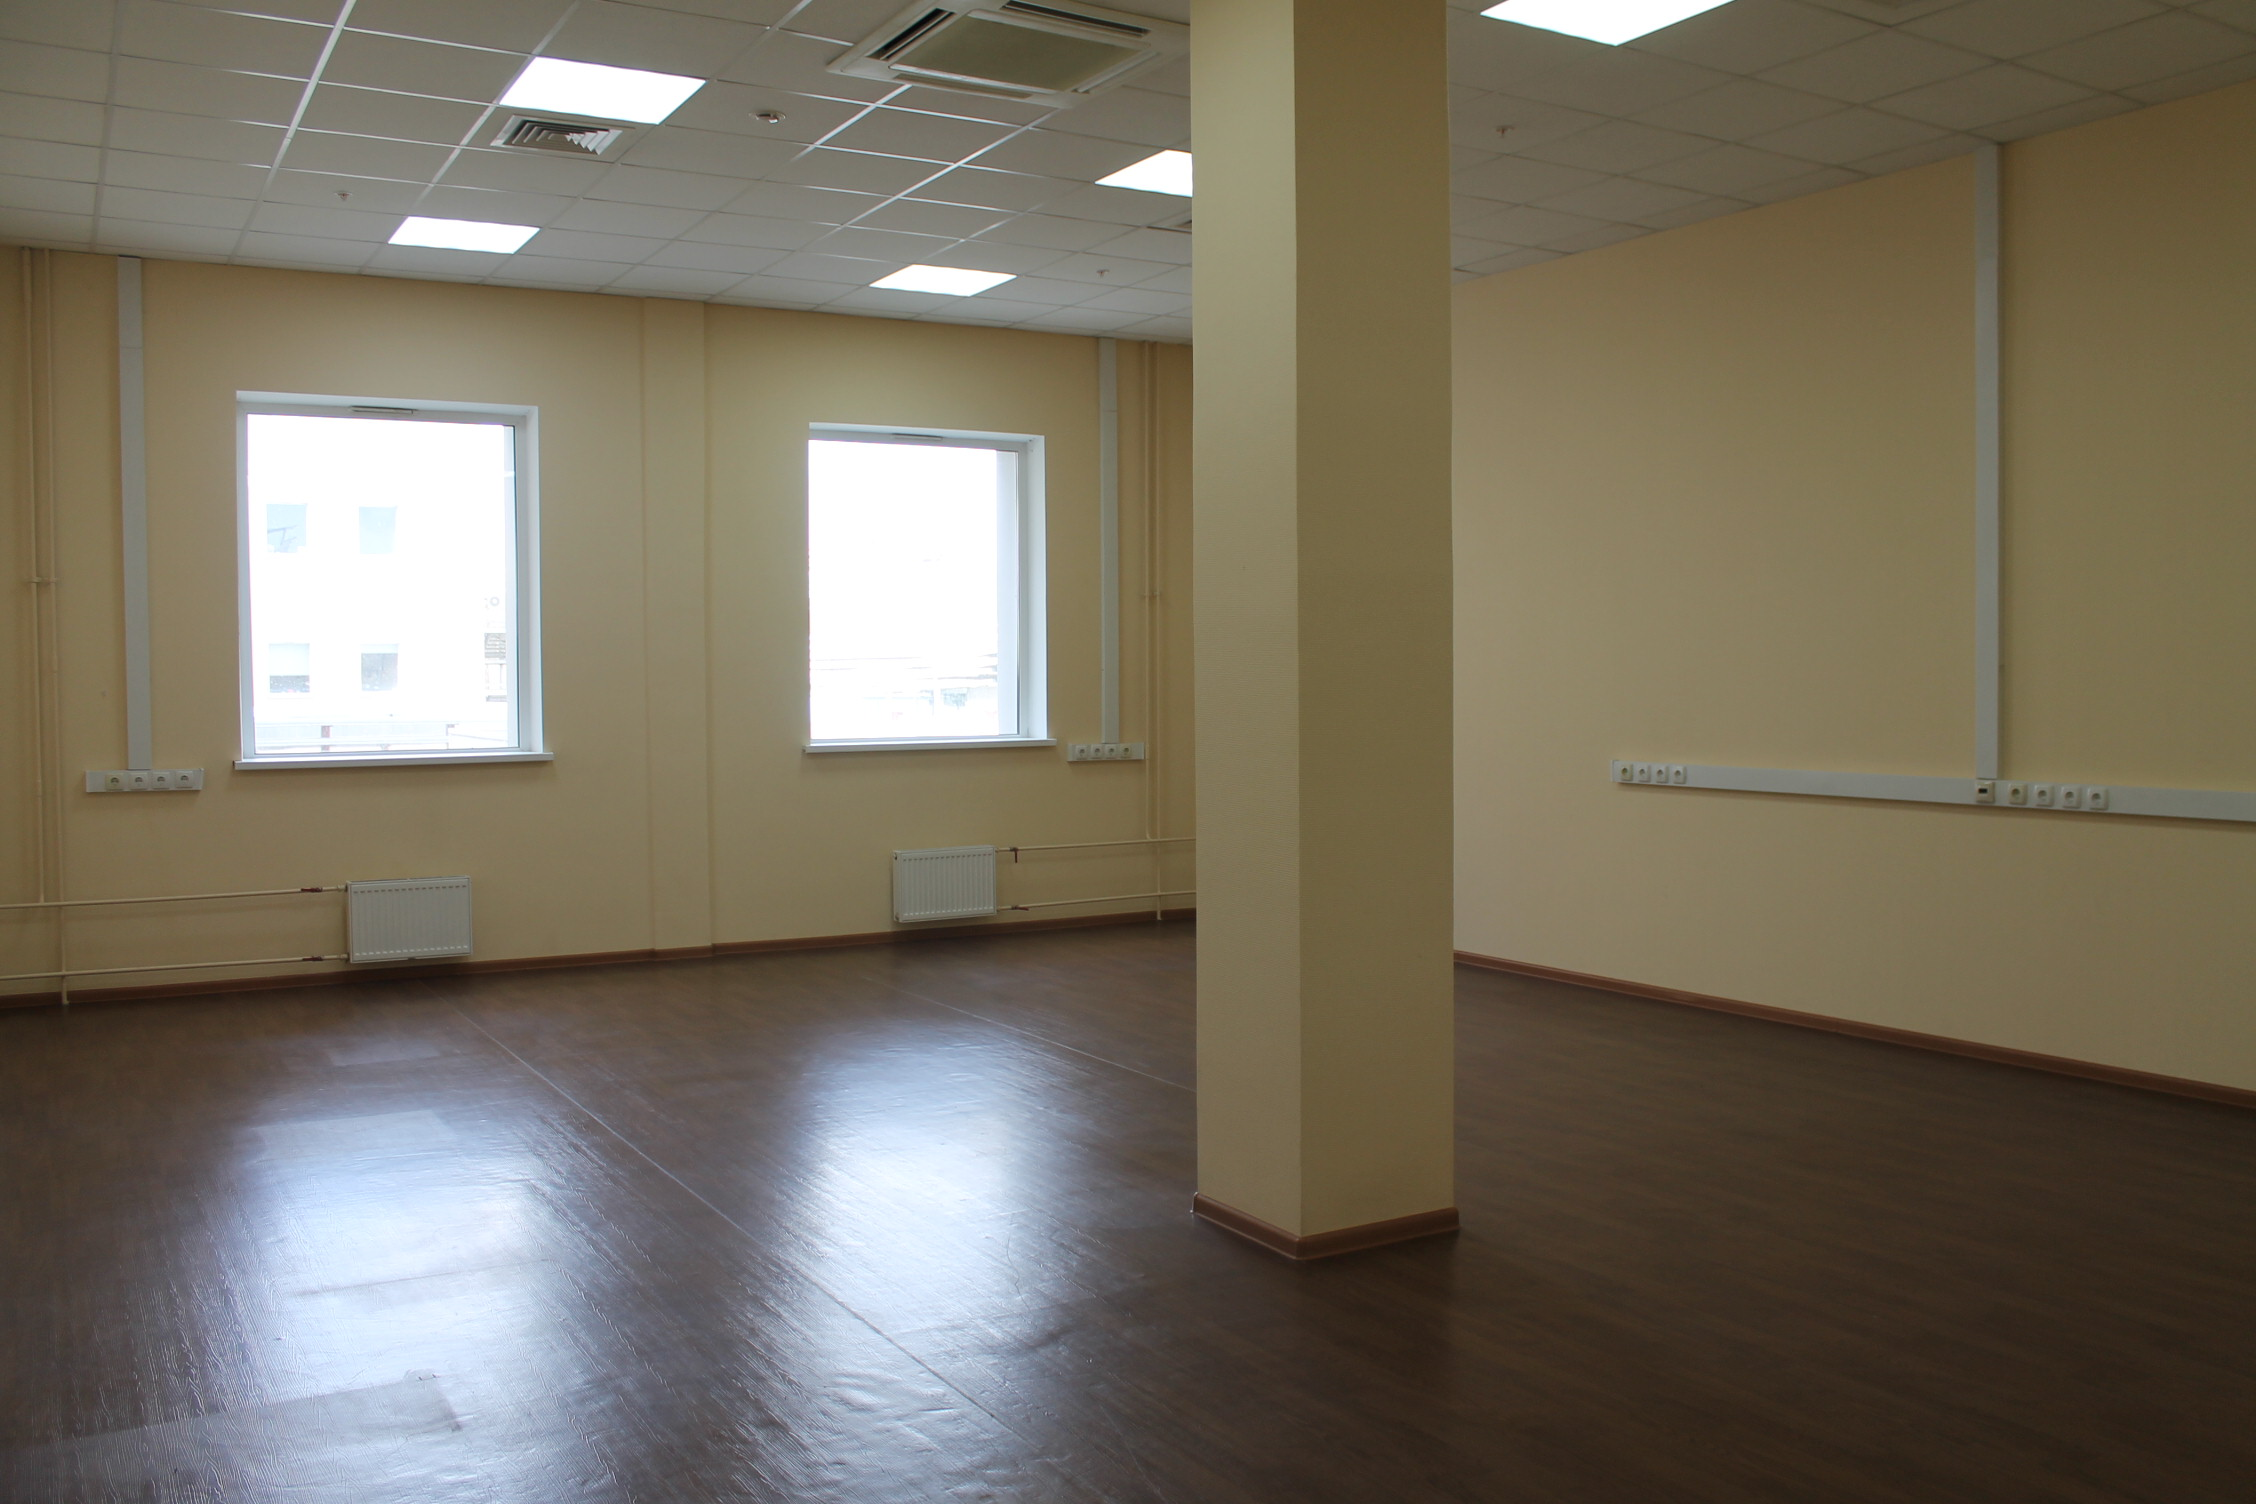 Аренда офиса на Москваской в москве поиск помещения под офис Глебовская улица